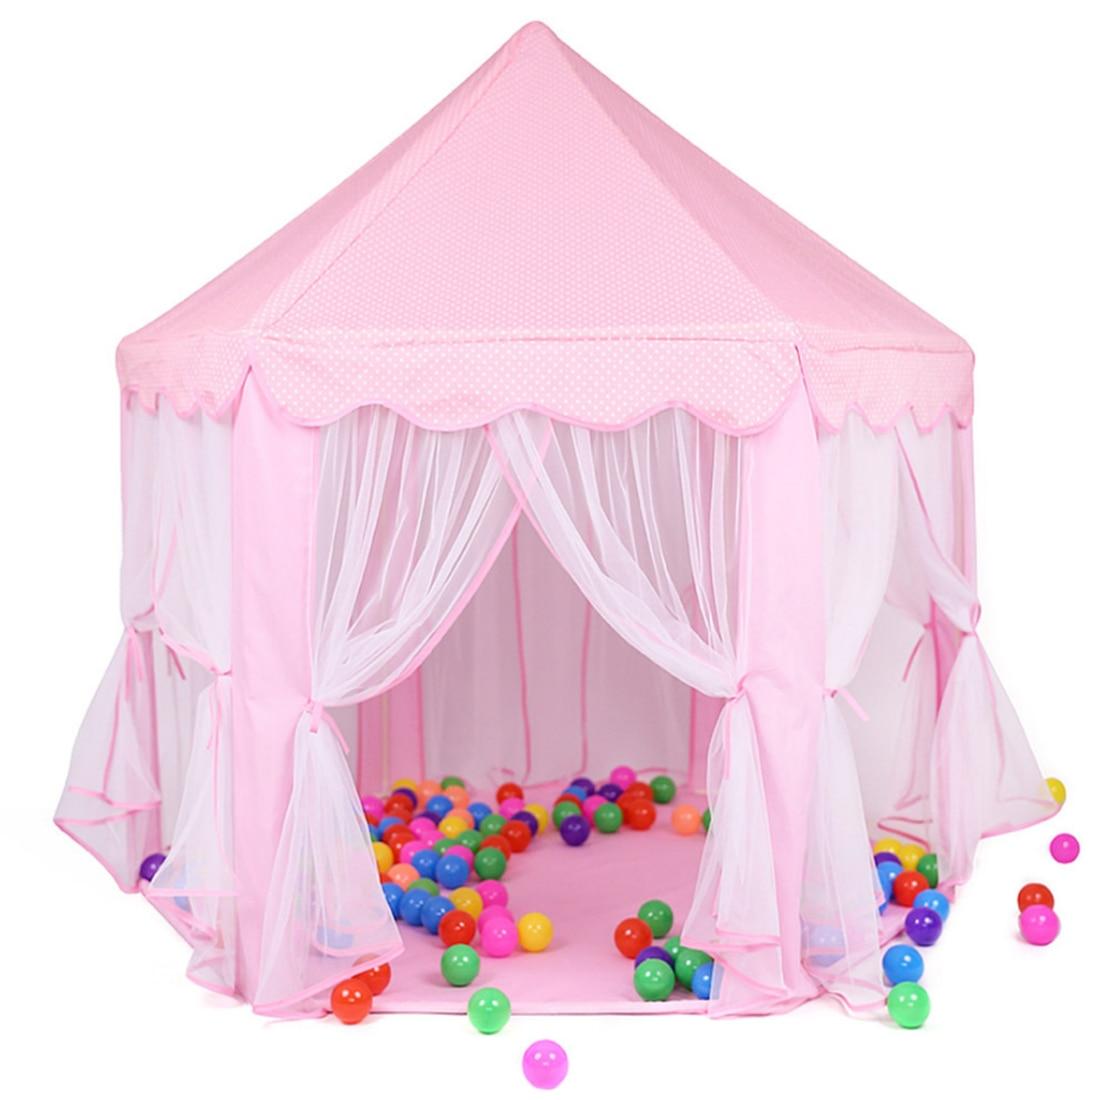 Intérieur et Extérieur Tulle Hex Jeu Tente Château maison de jeu tente pour enfants Jouant Au Billard Balle Playhouse-Rose